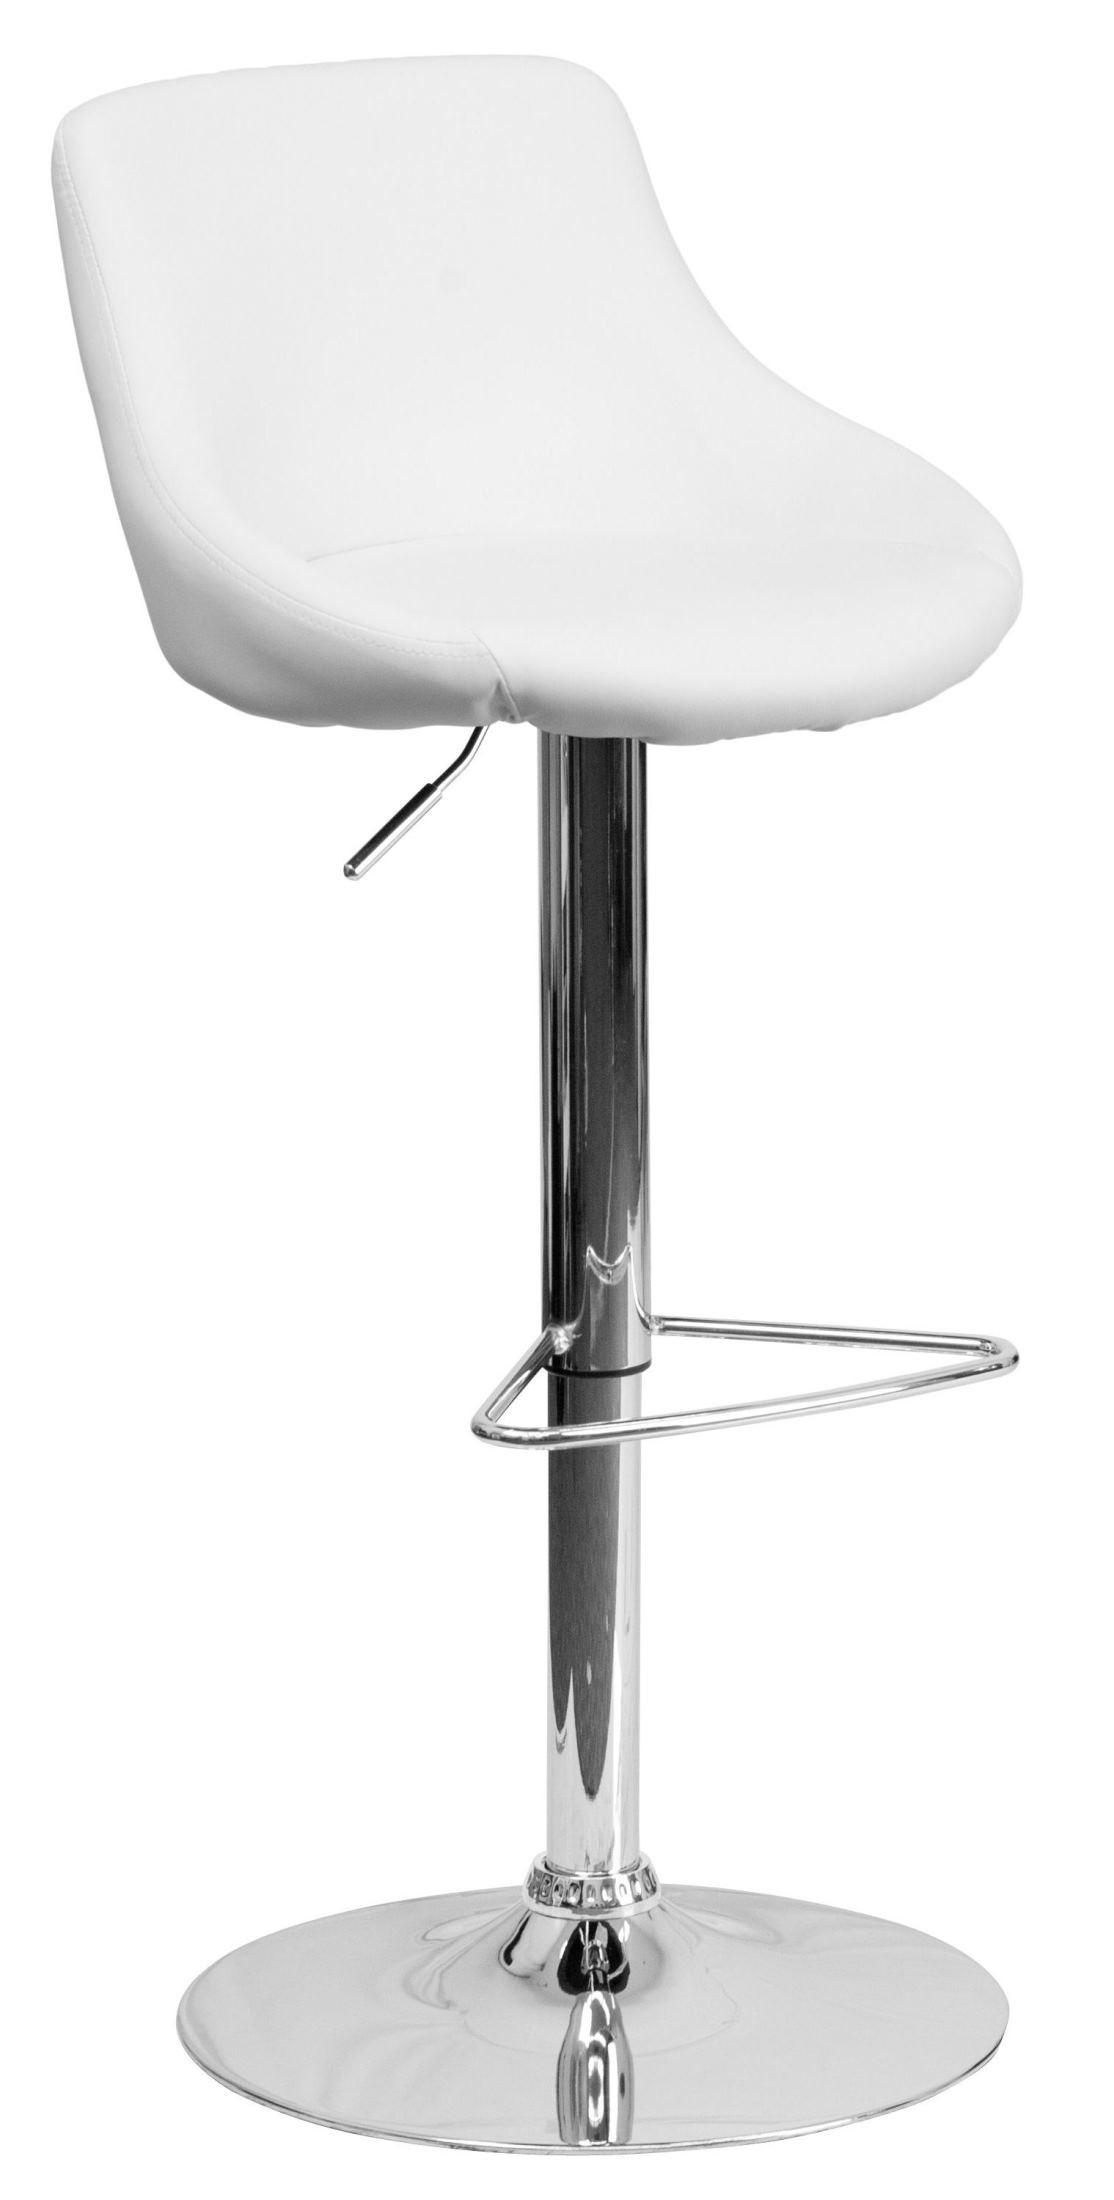 1000595 White Vinyl Bucket Seat Adjustable Height Bar